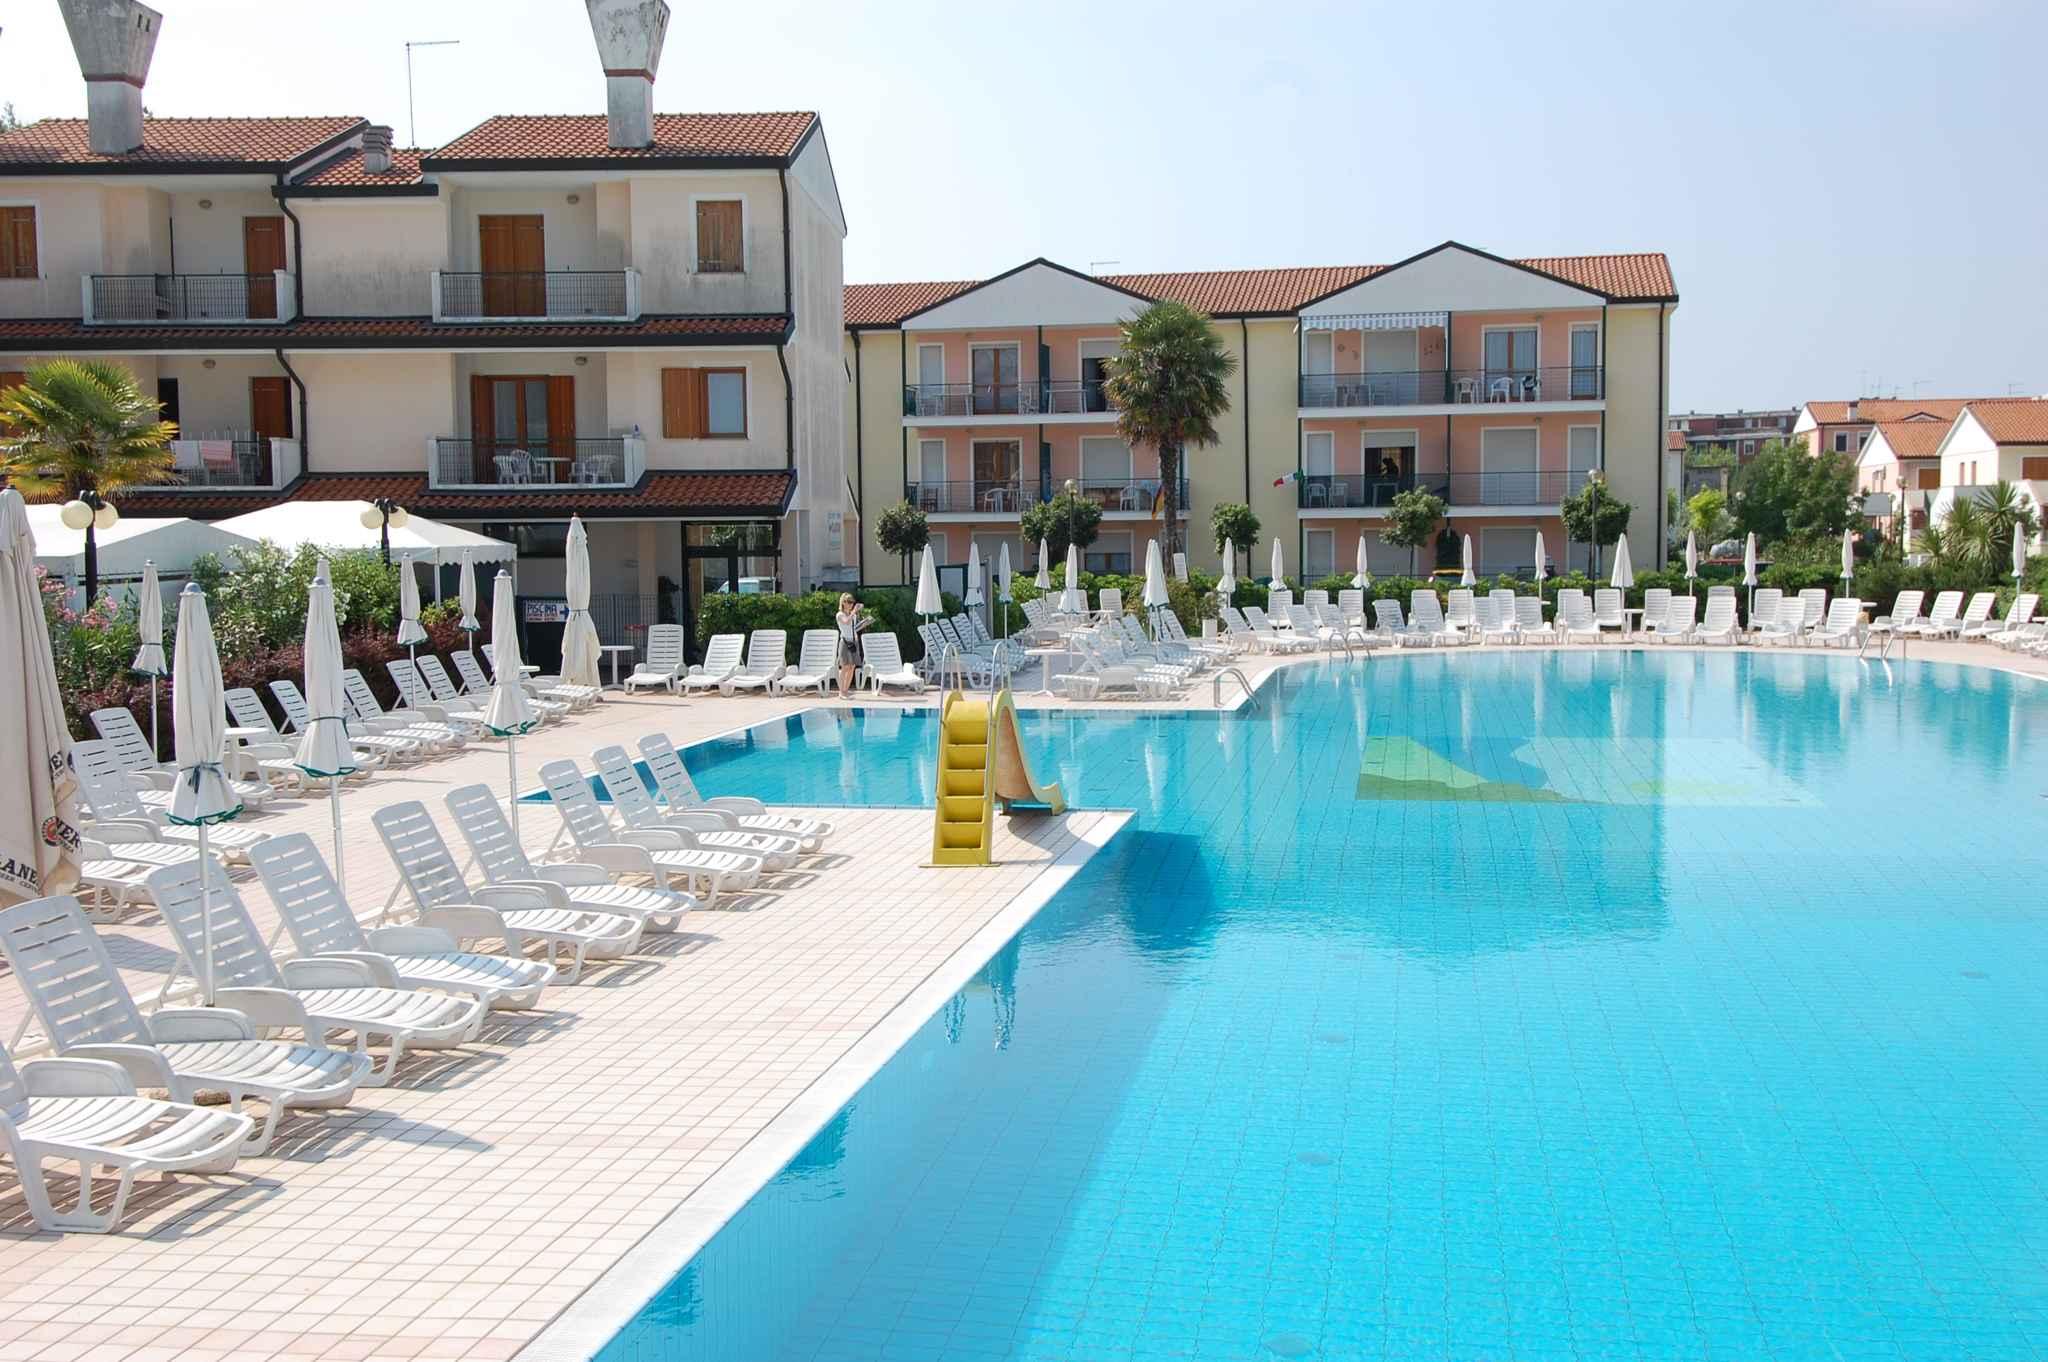 Ferienwohnung mit Pool (284308), Rosolina Mare, Rovigo, Venetien, Italien, Bild 8